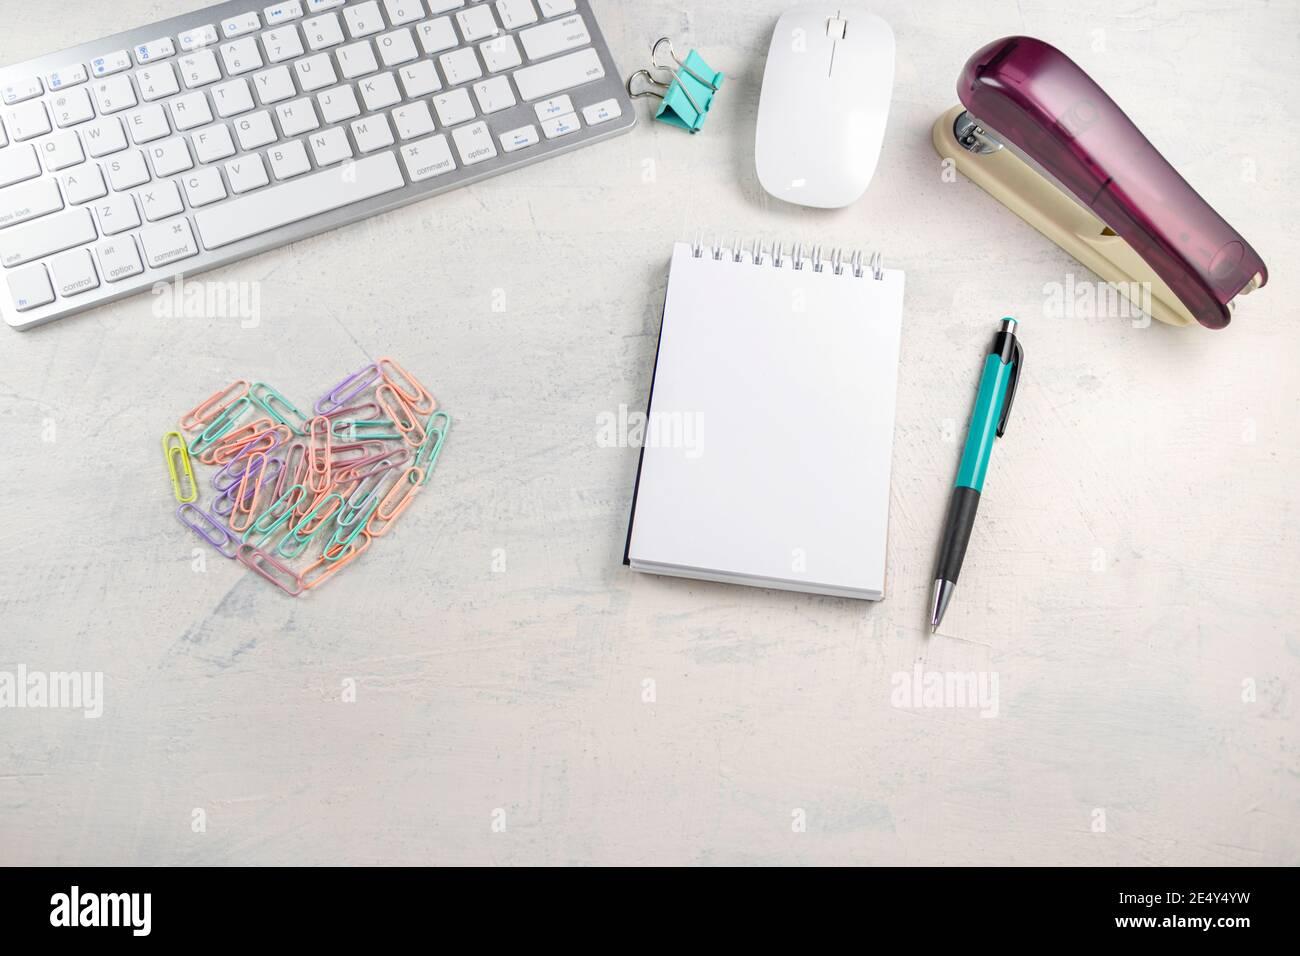 Clips de papel de color en forma de corazón en un escritorio con un bloc de notas en blanco para escribir. Día de San Valentín en la oficina. Vista superior Foto de stock